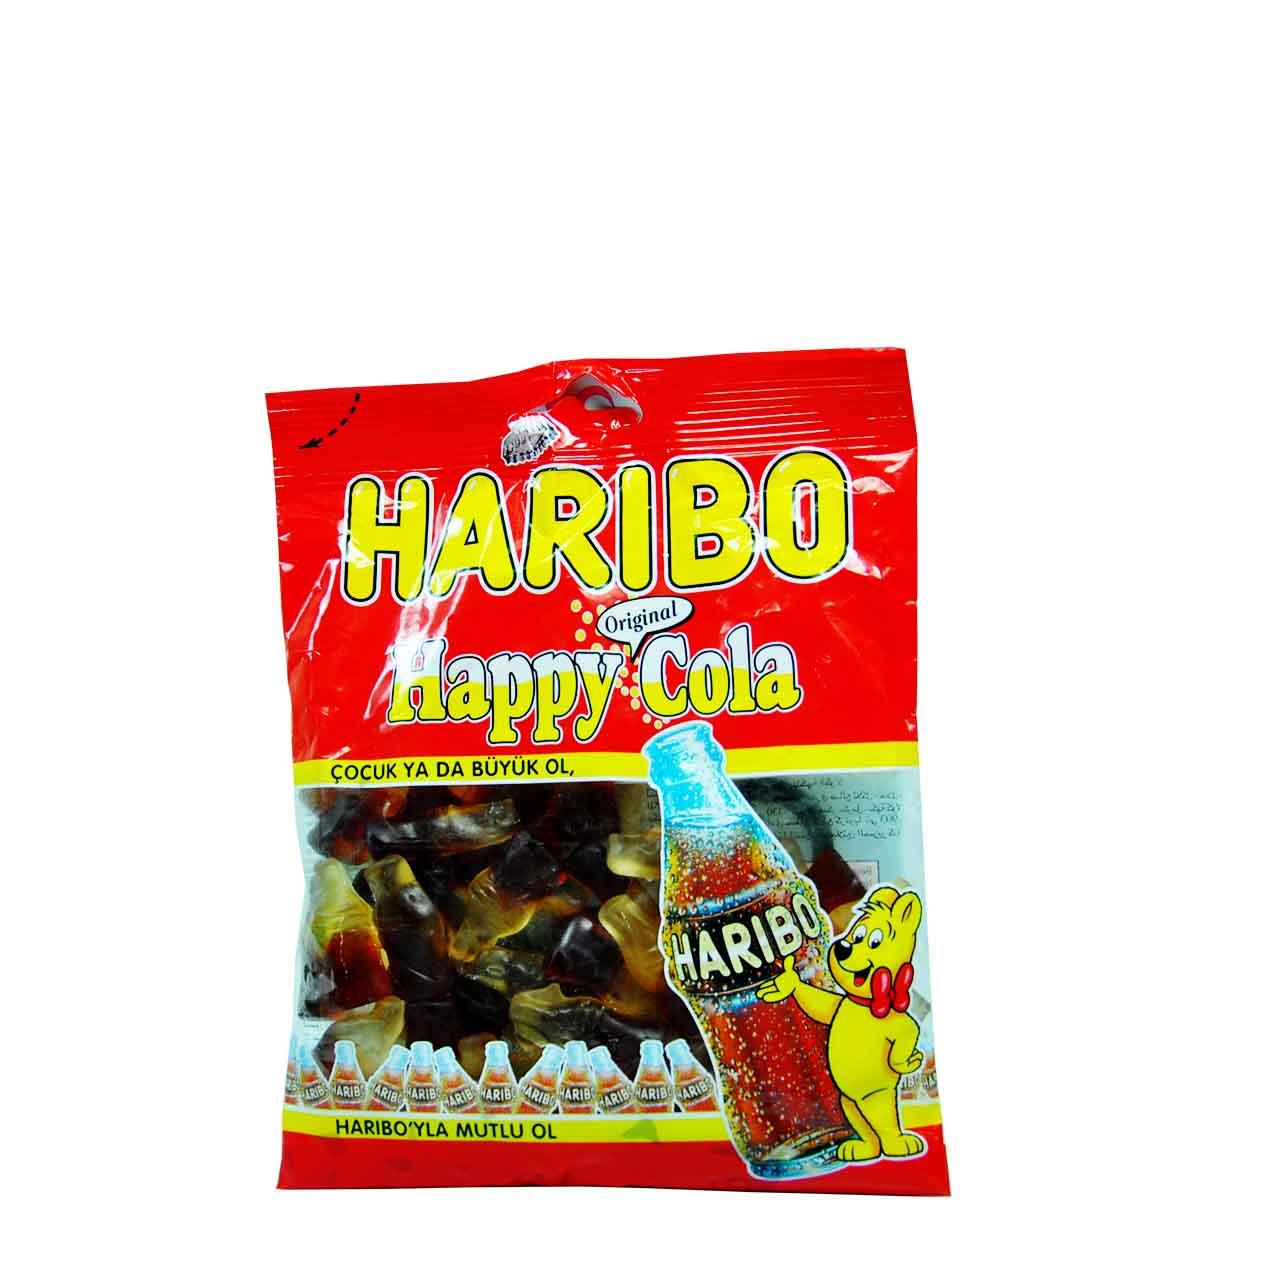 پاستیل نوشابه ای هاریبو – haribo